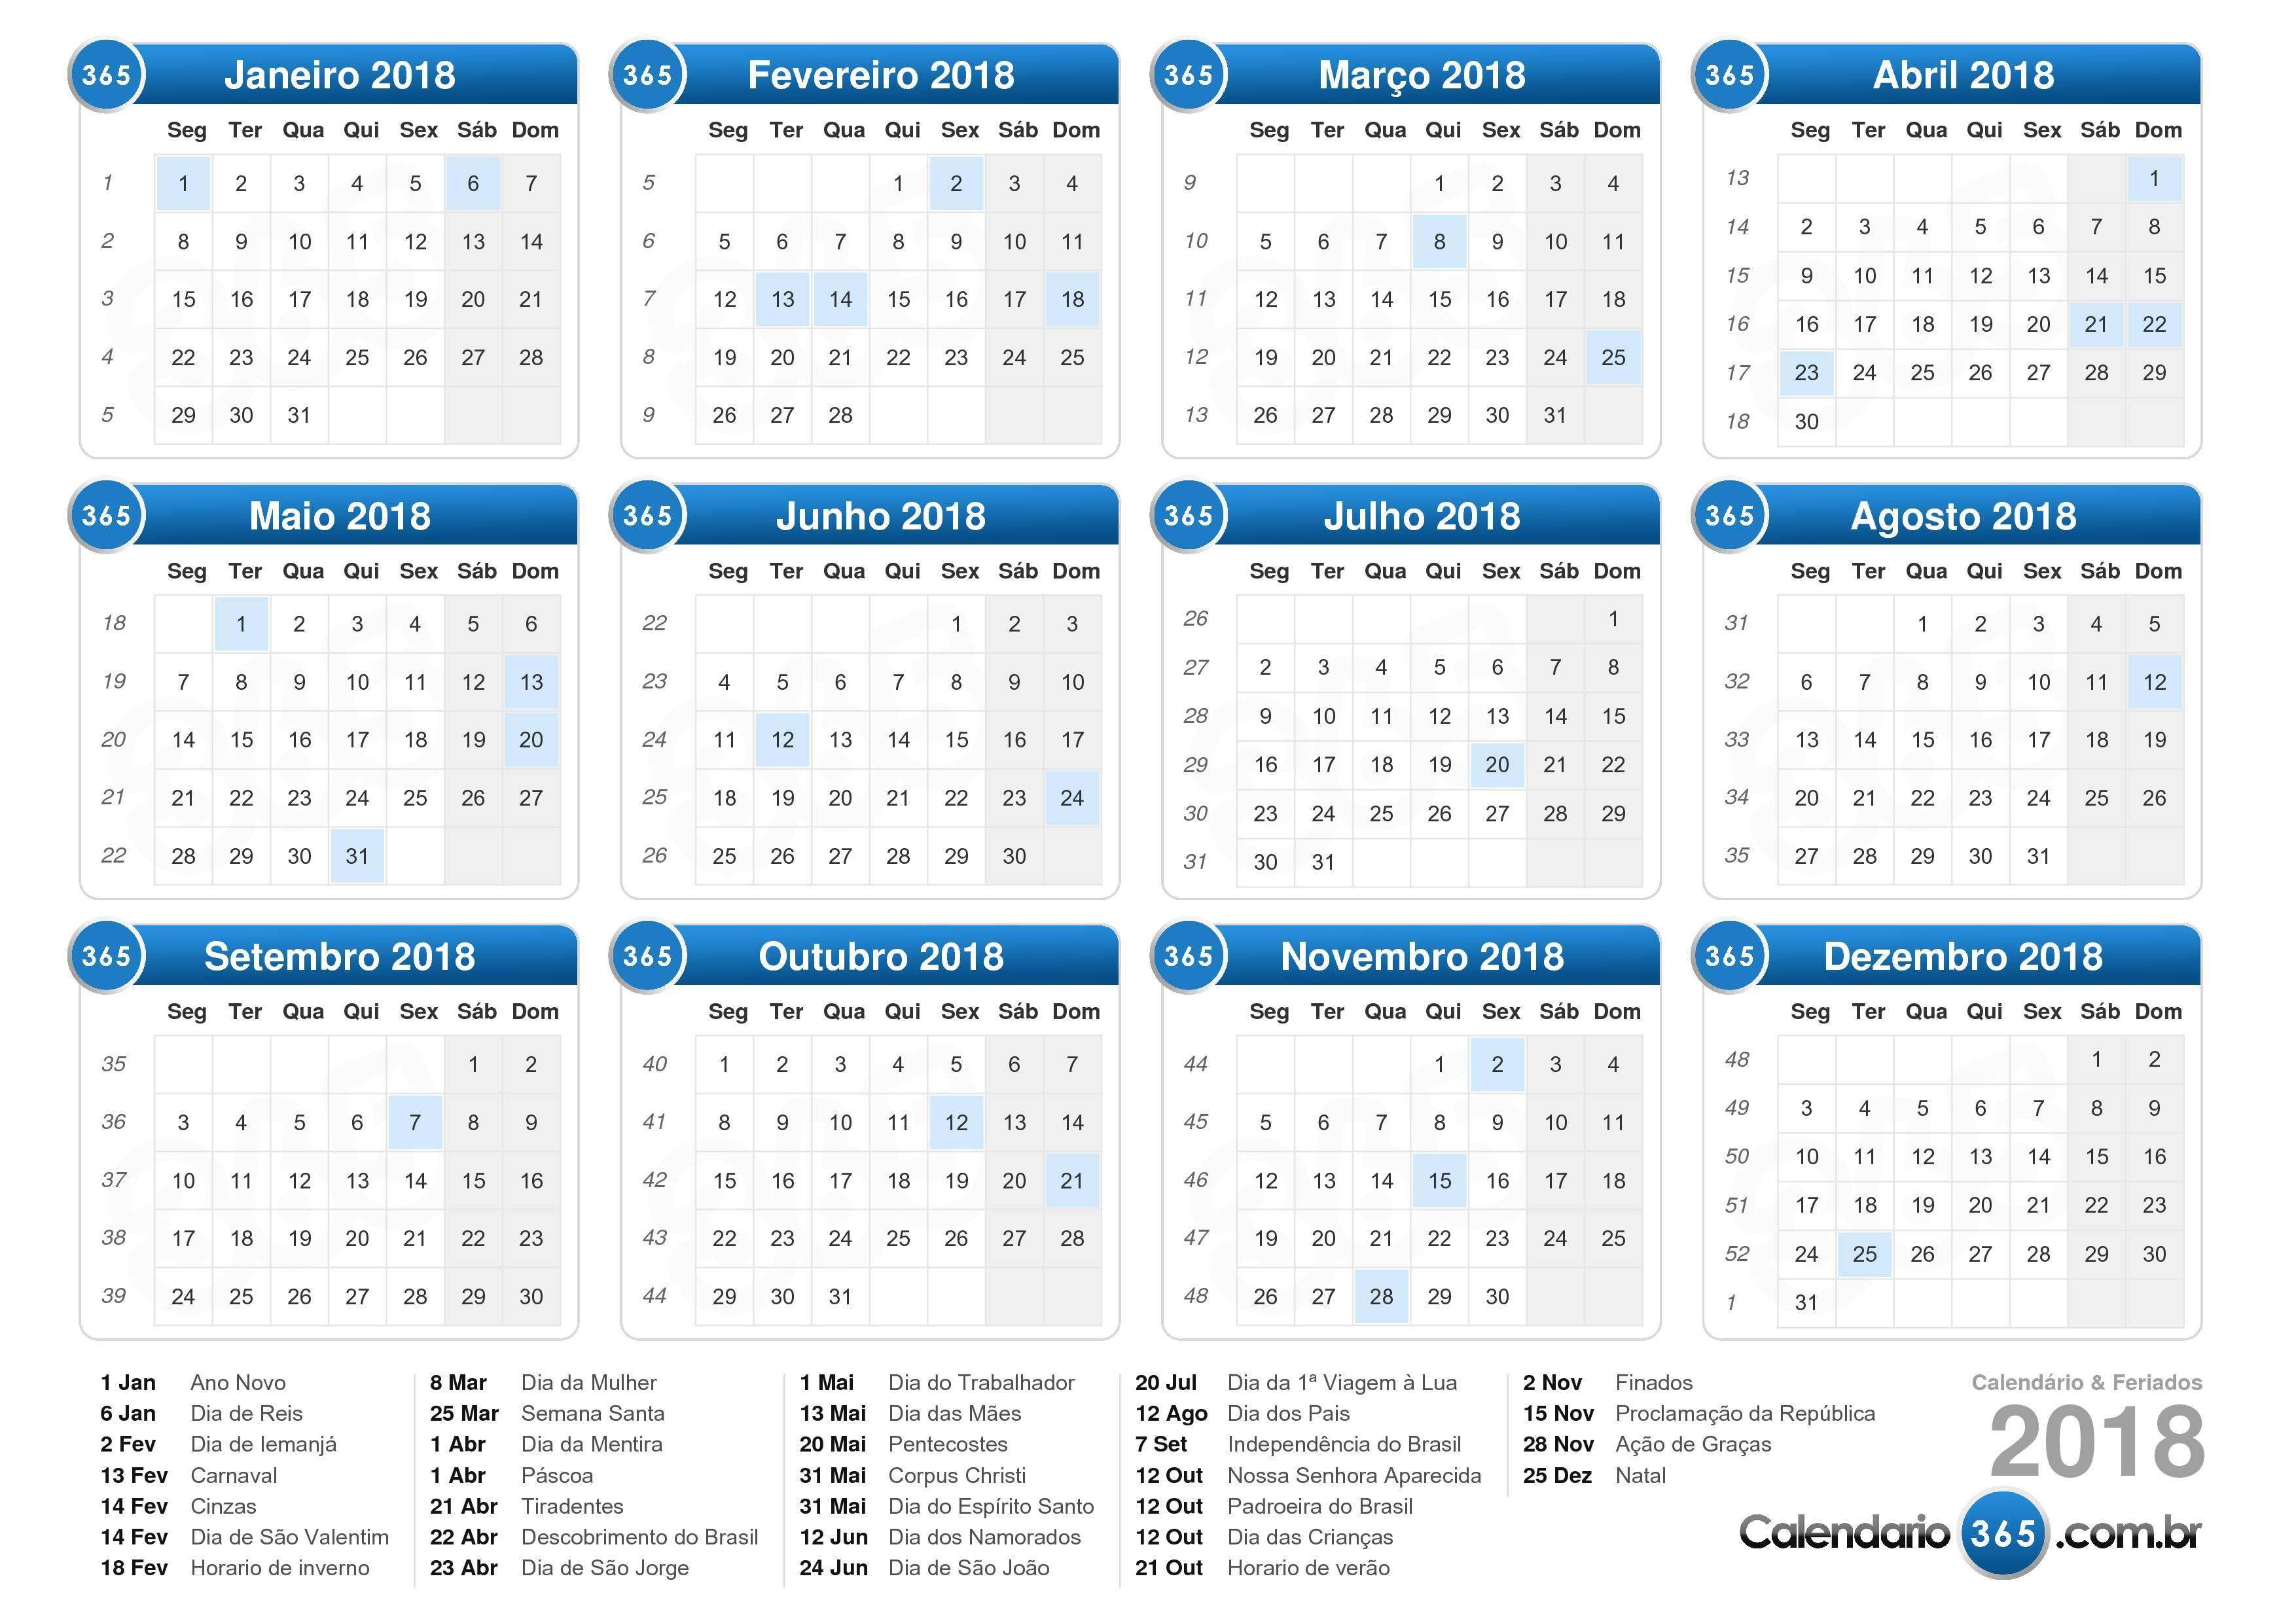 Calendario 2018 Brasil.Calendario 2018